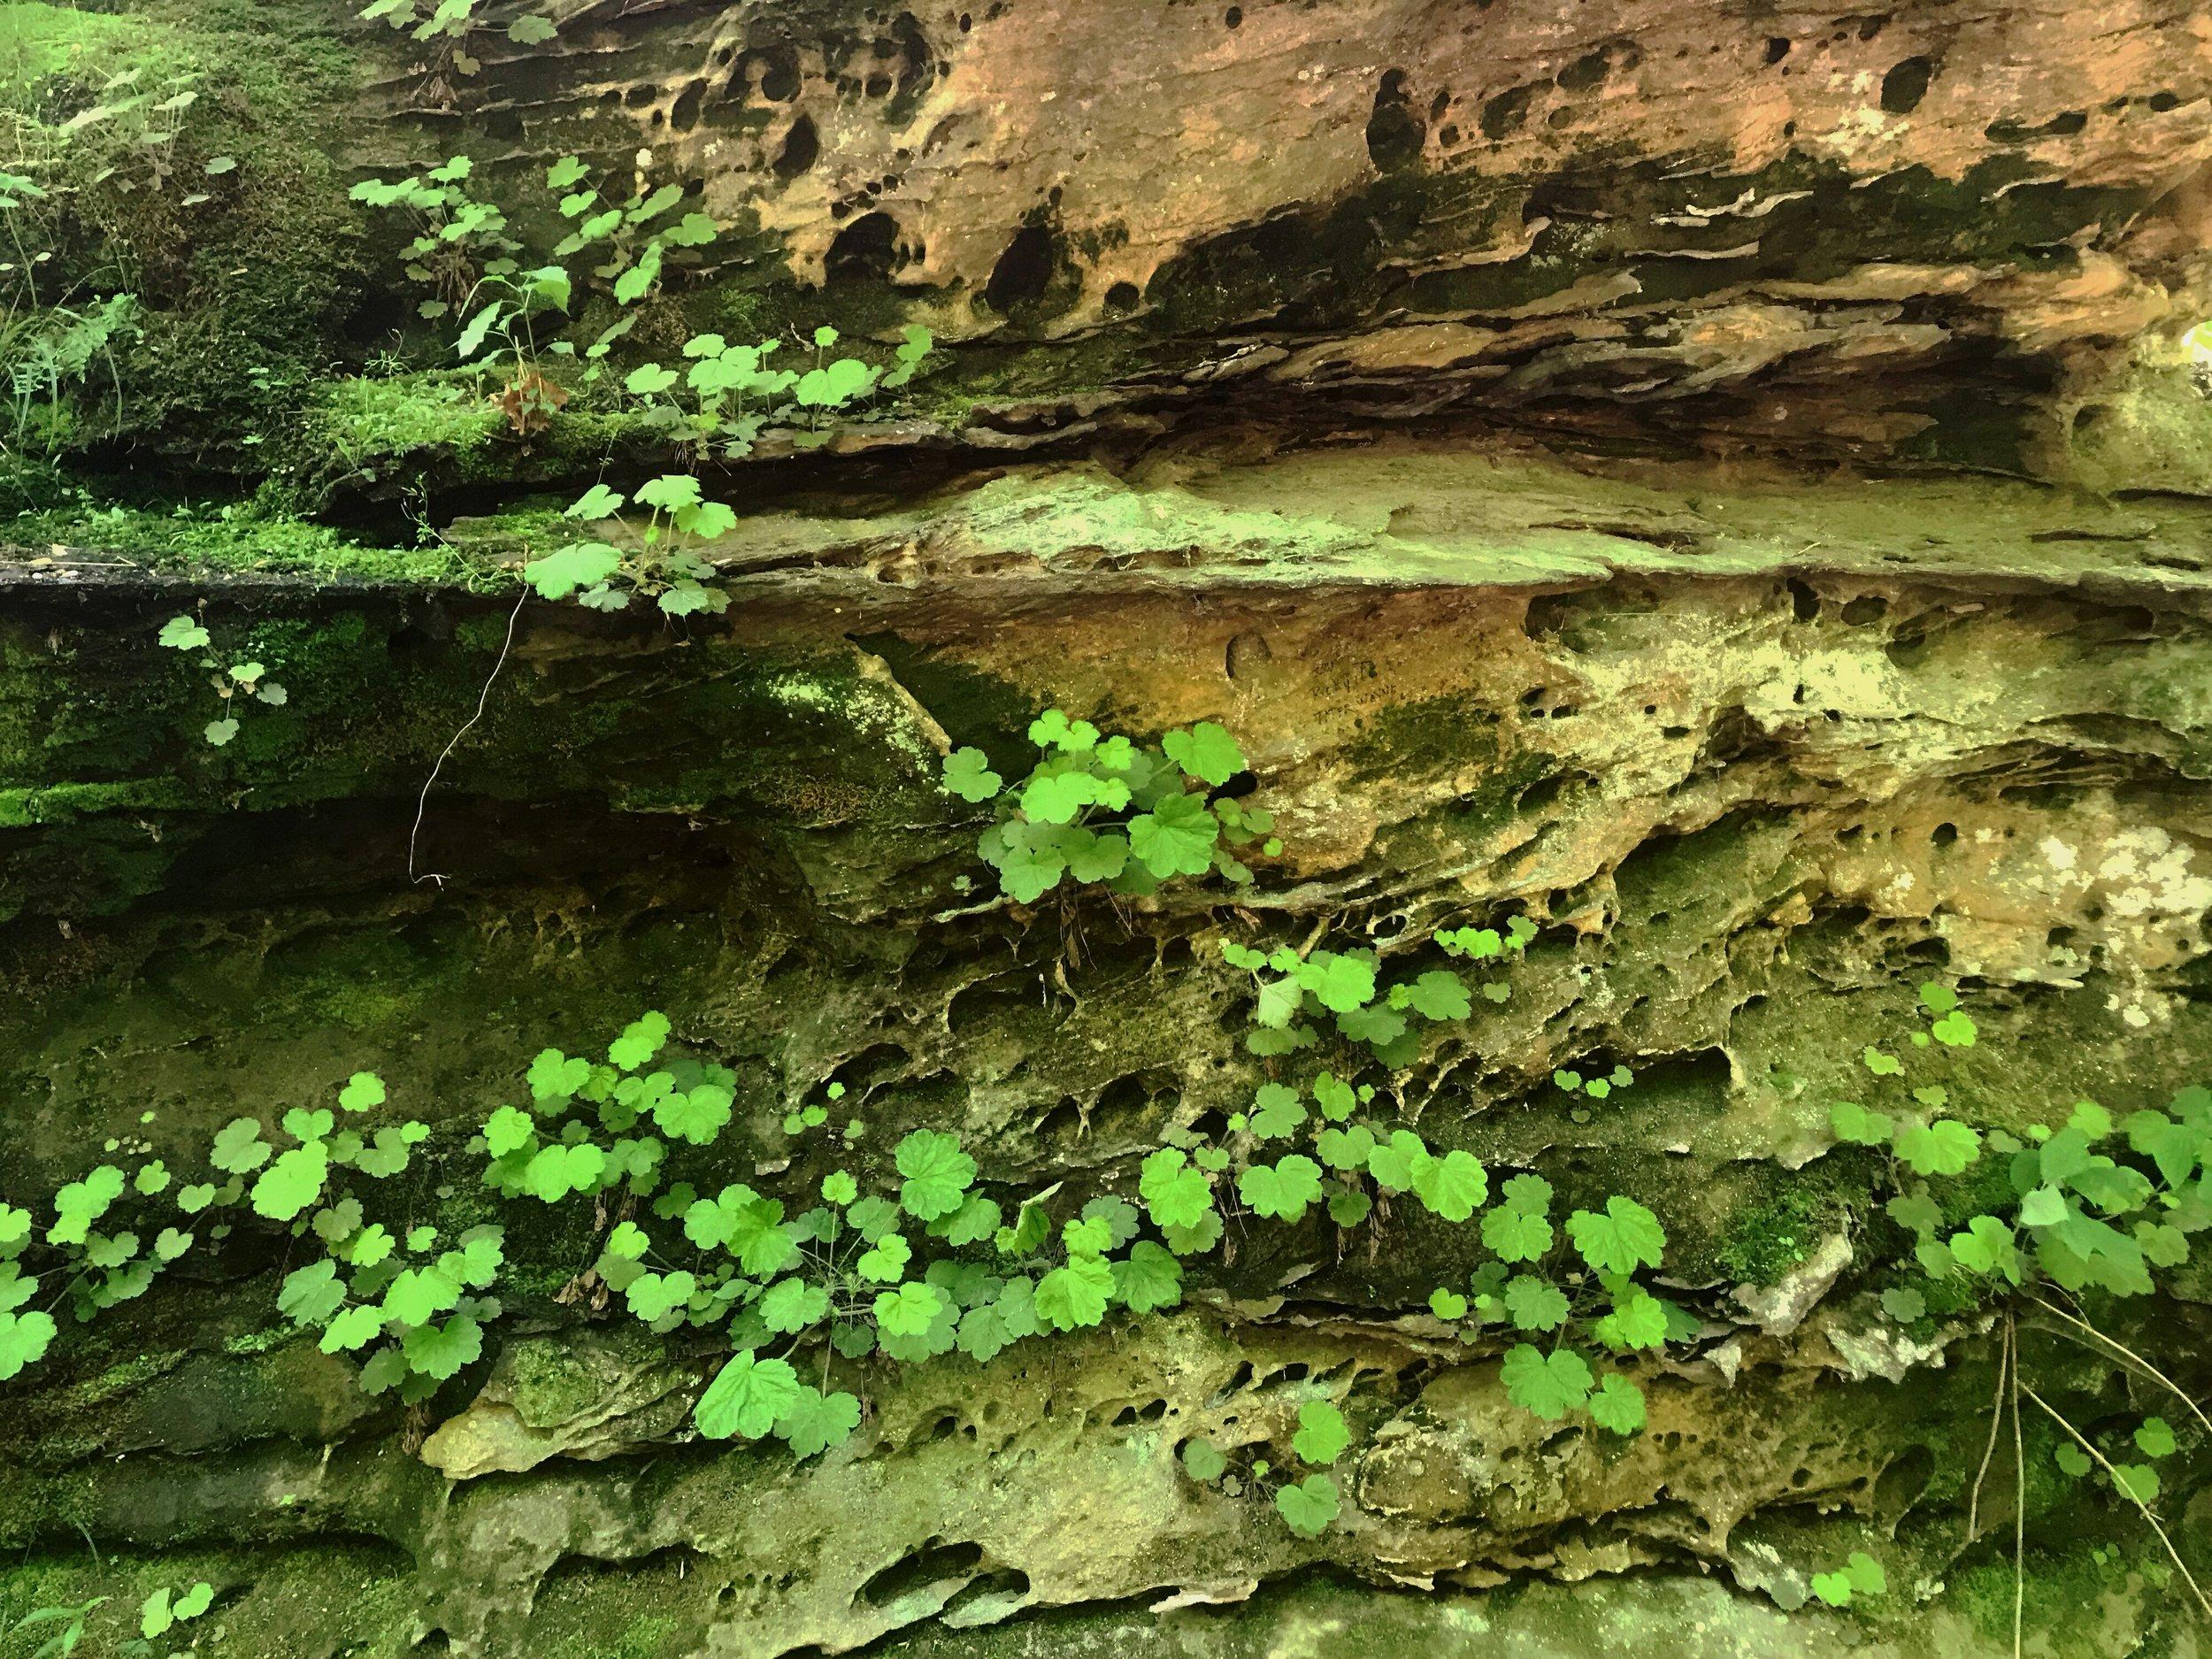 fern-clyffe-waterfall-15.JPG